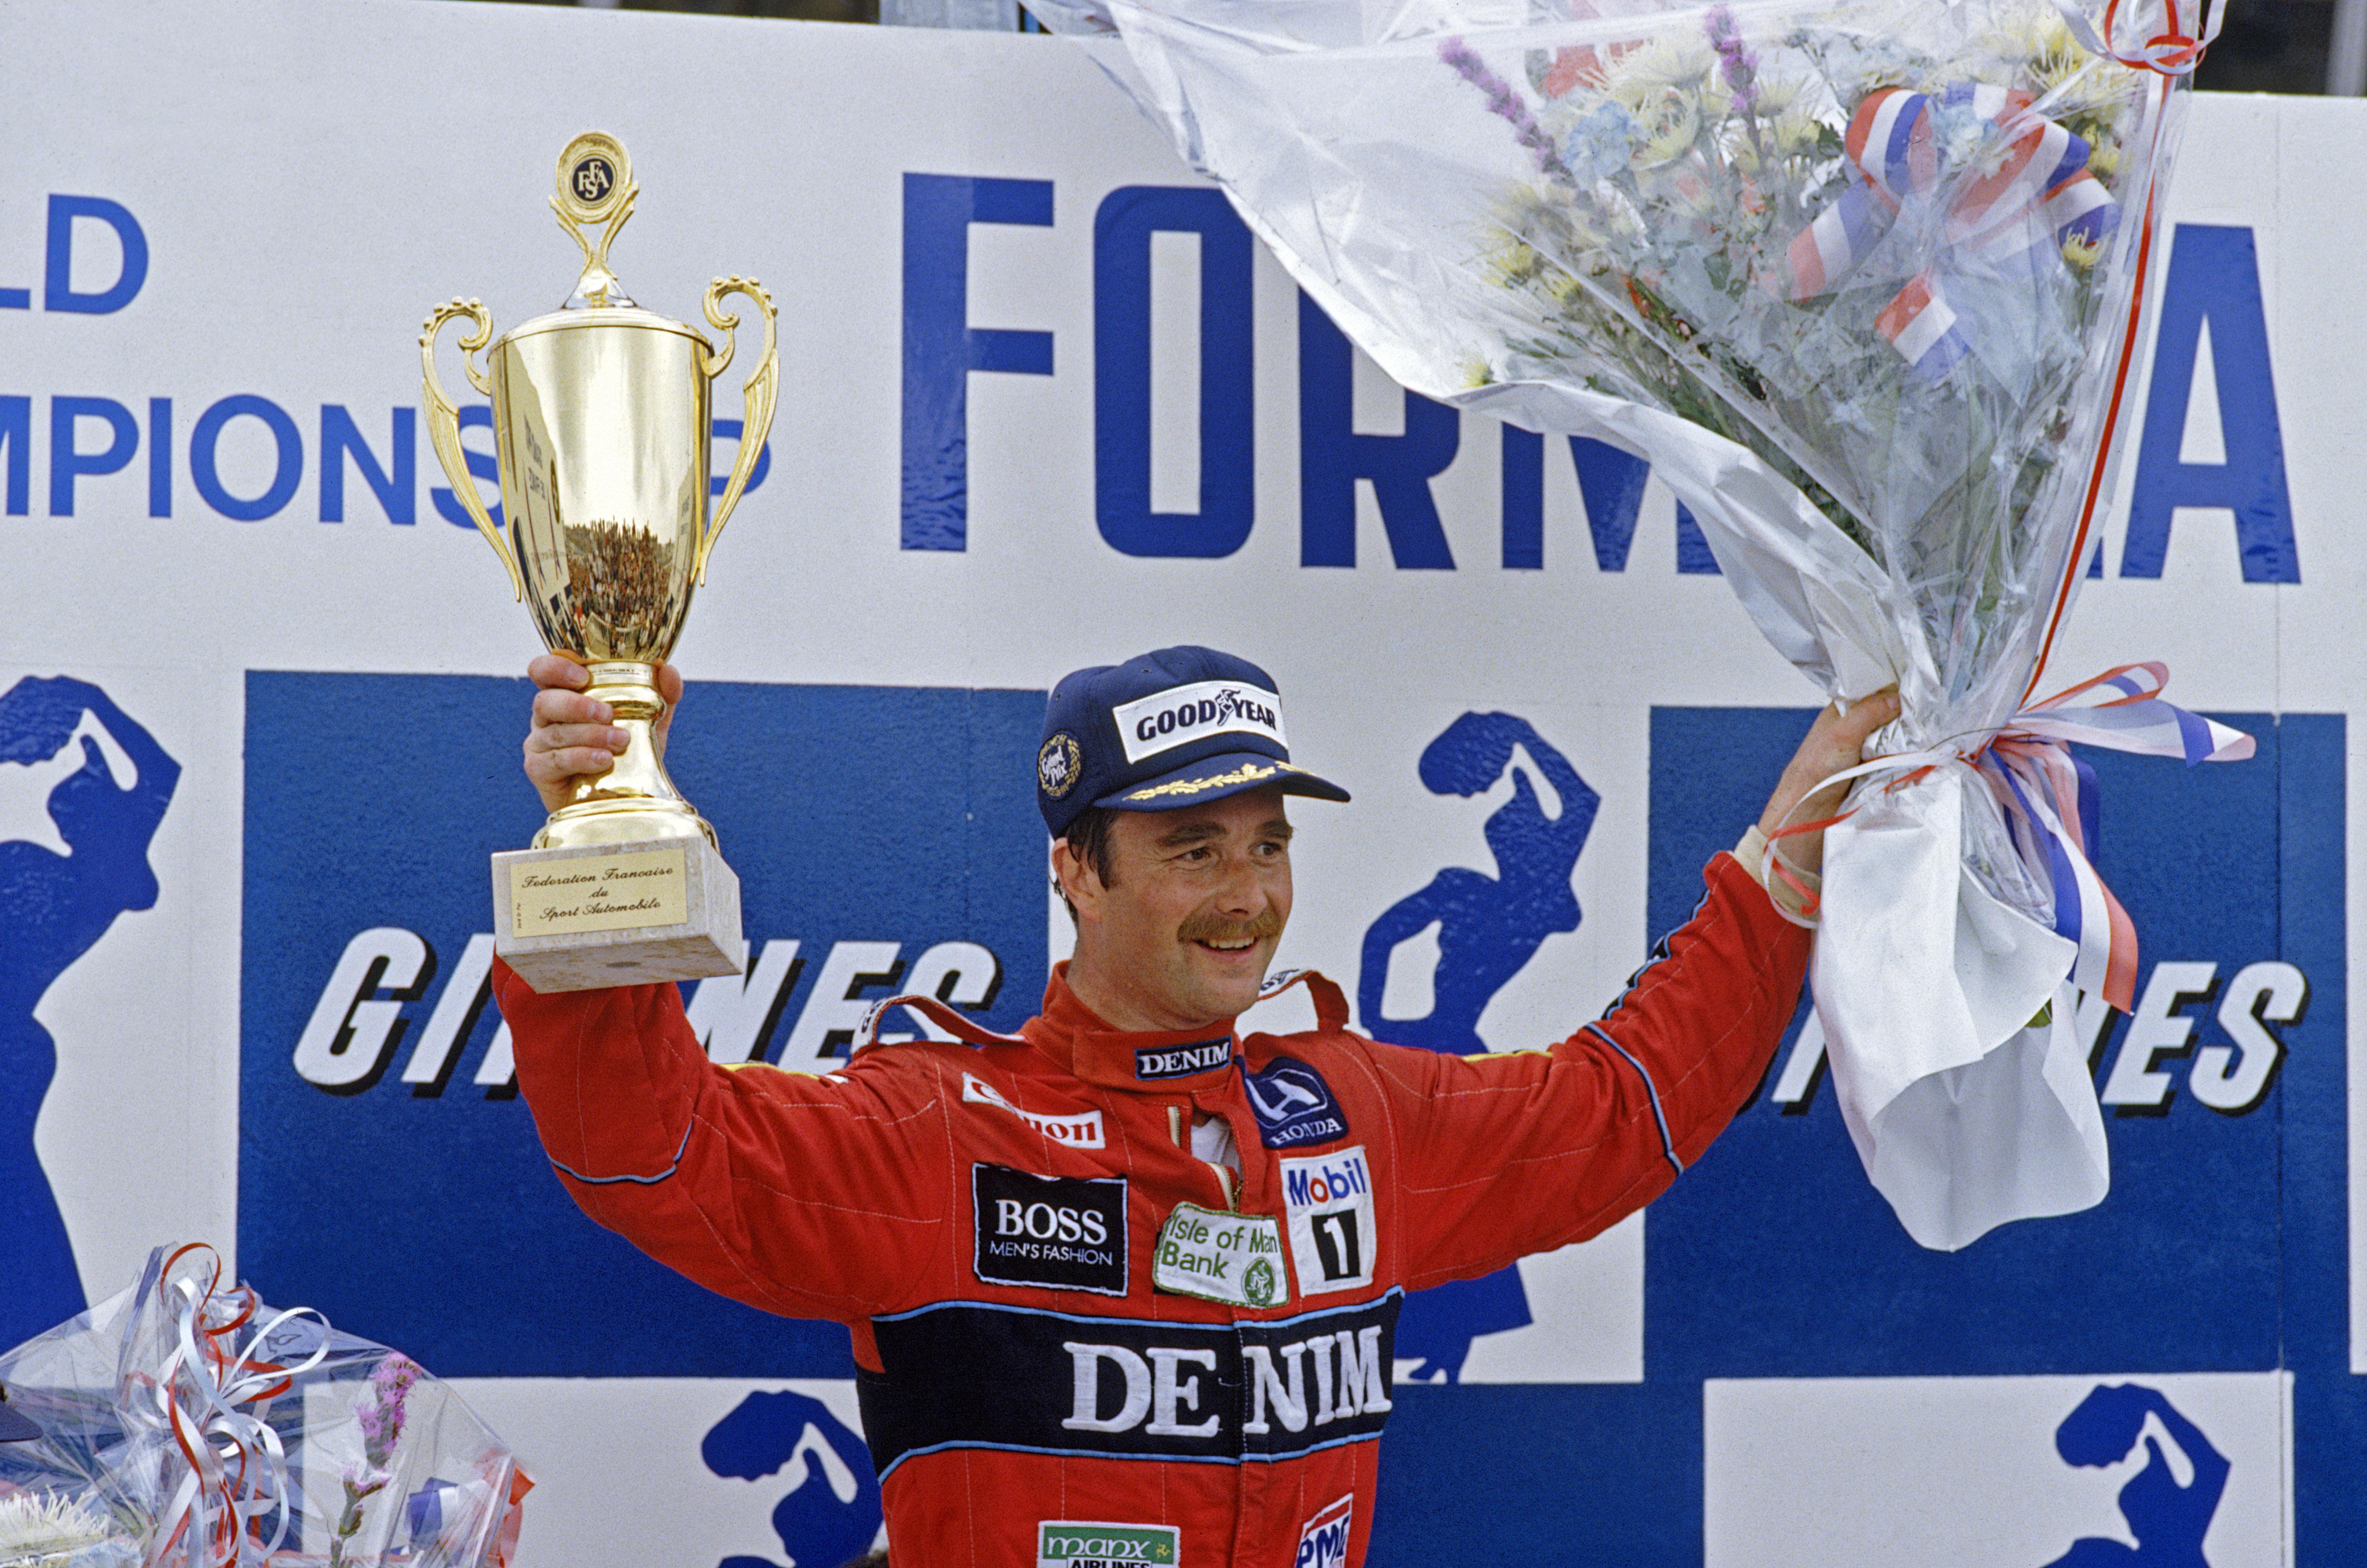 Nigel Mansell var strålende i 1986, men noen VM-tittel ble det ikke. Foto: Williams